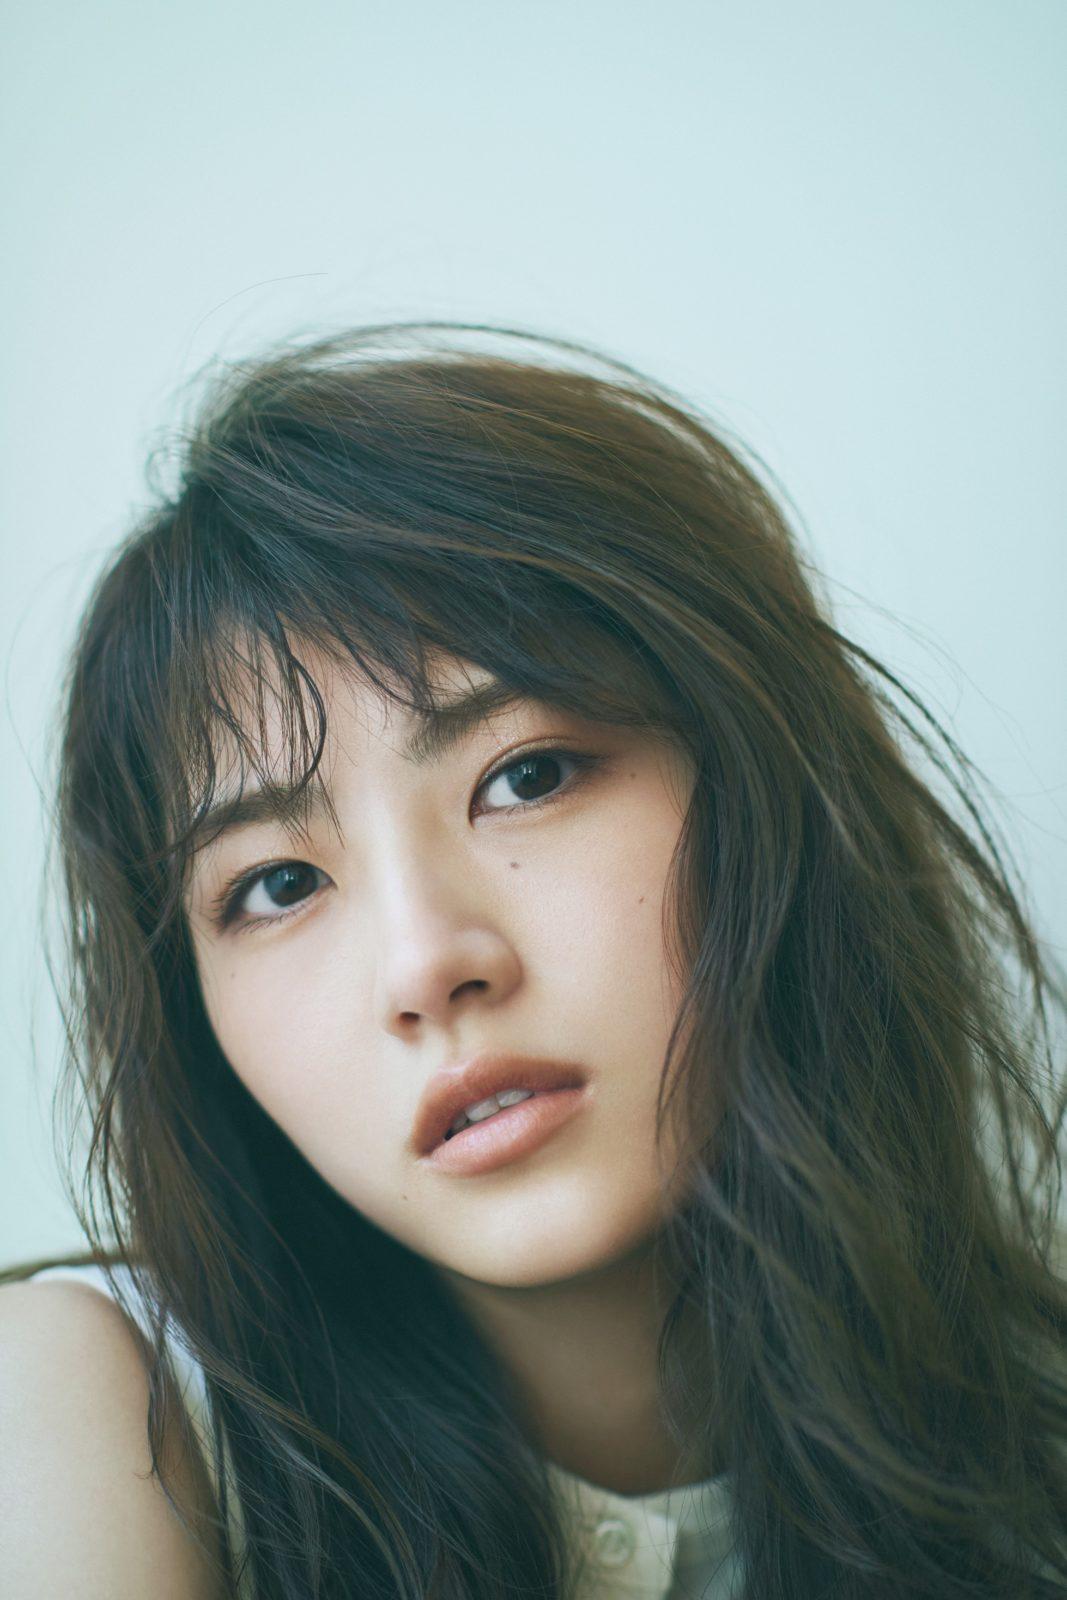 """元乃木坂46・若月佑美、初の""""モデル挑戦""""に心境を明かす「ありのままの…」"""